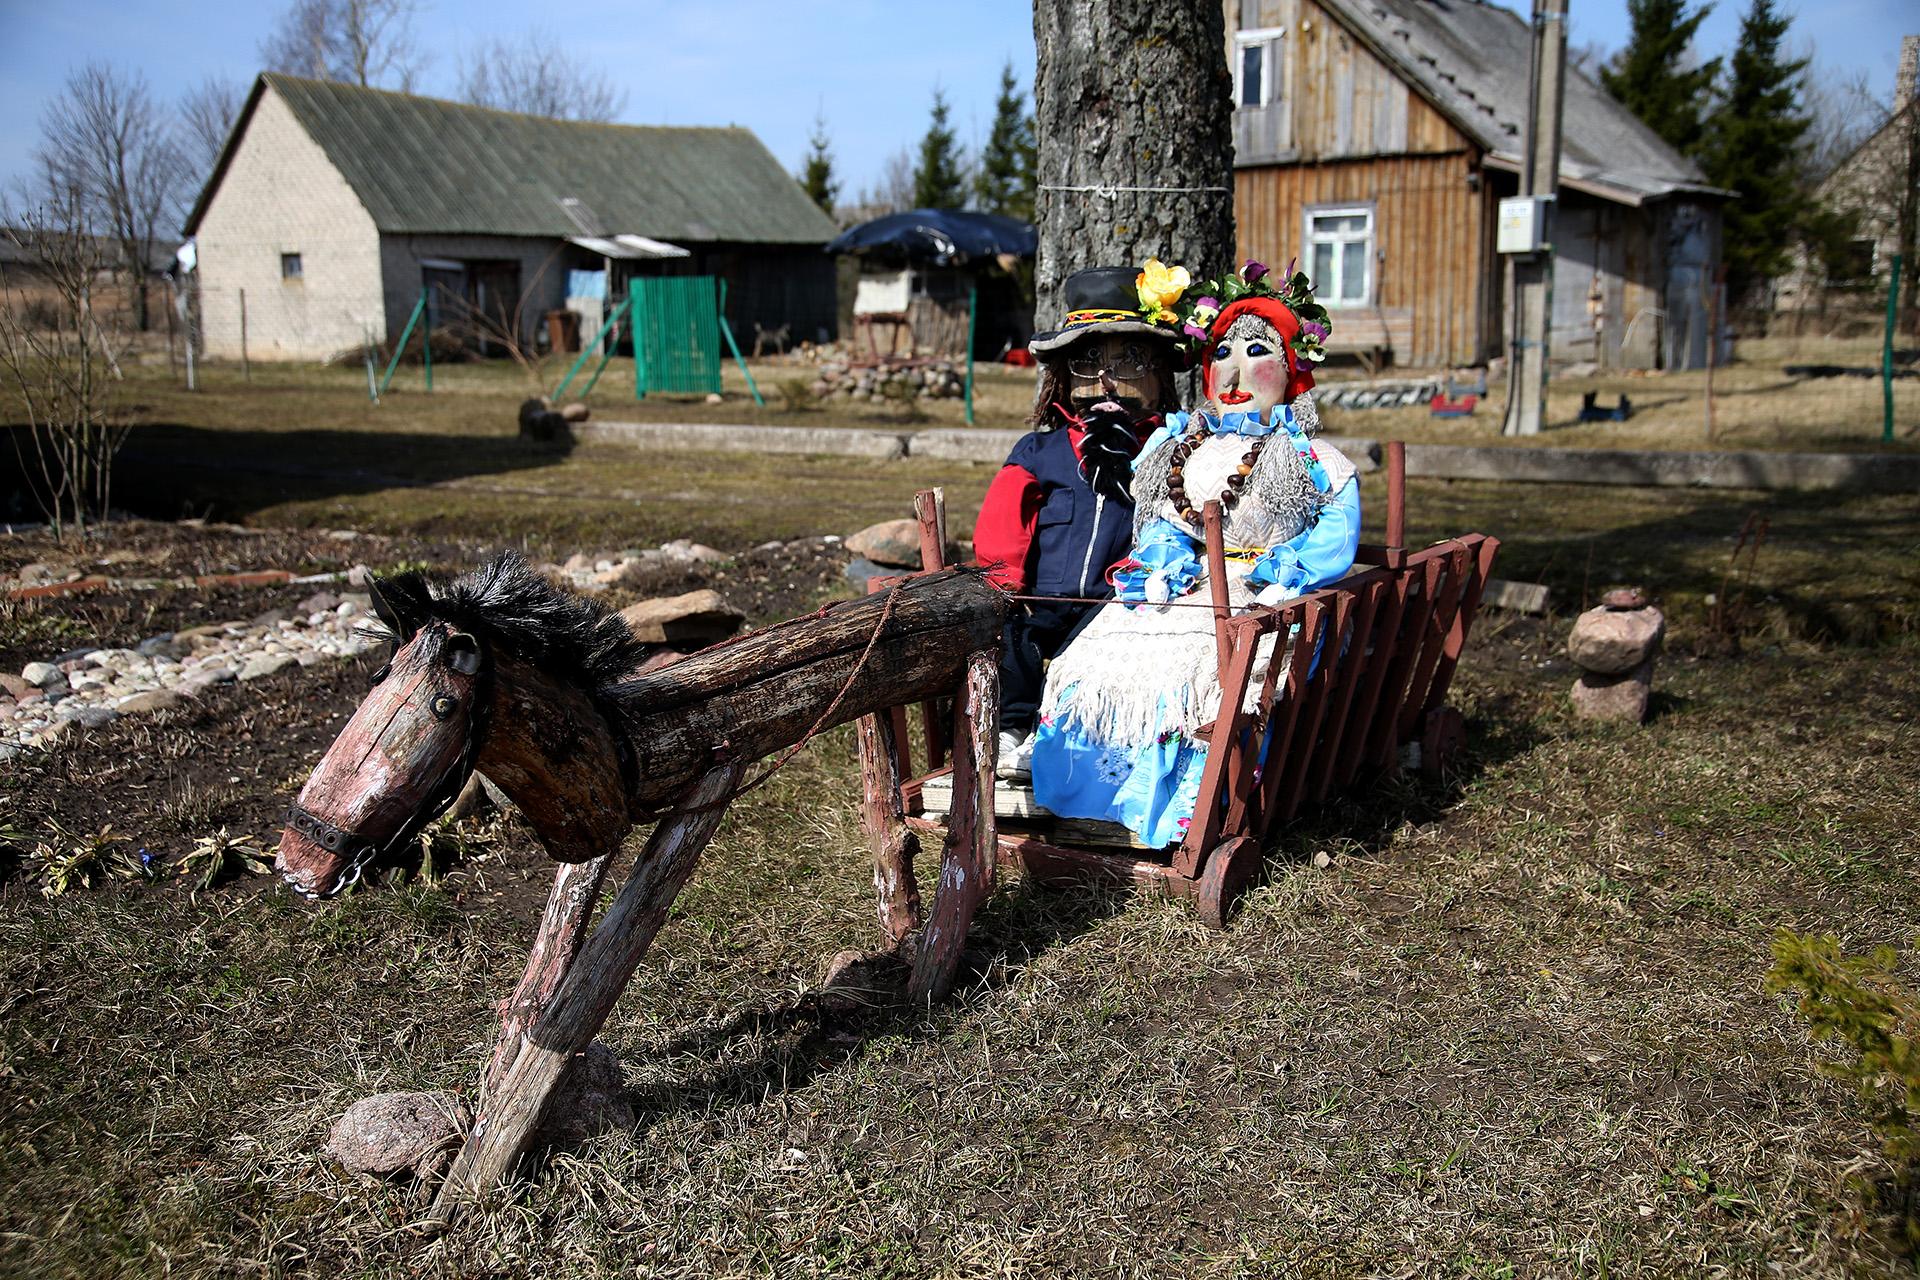 Tik įvažiavus į kaimą pamatome sodybą, kurios kieme stovi aklys, traukiantis vežimą, kuriame sėdi du žmonės – vyras su pačia. A. Barzdžiaus nuotr.